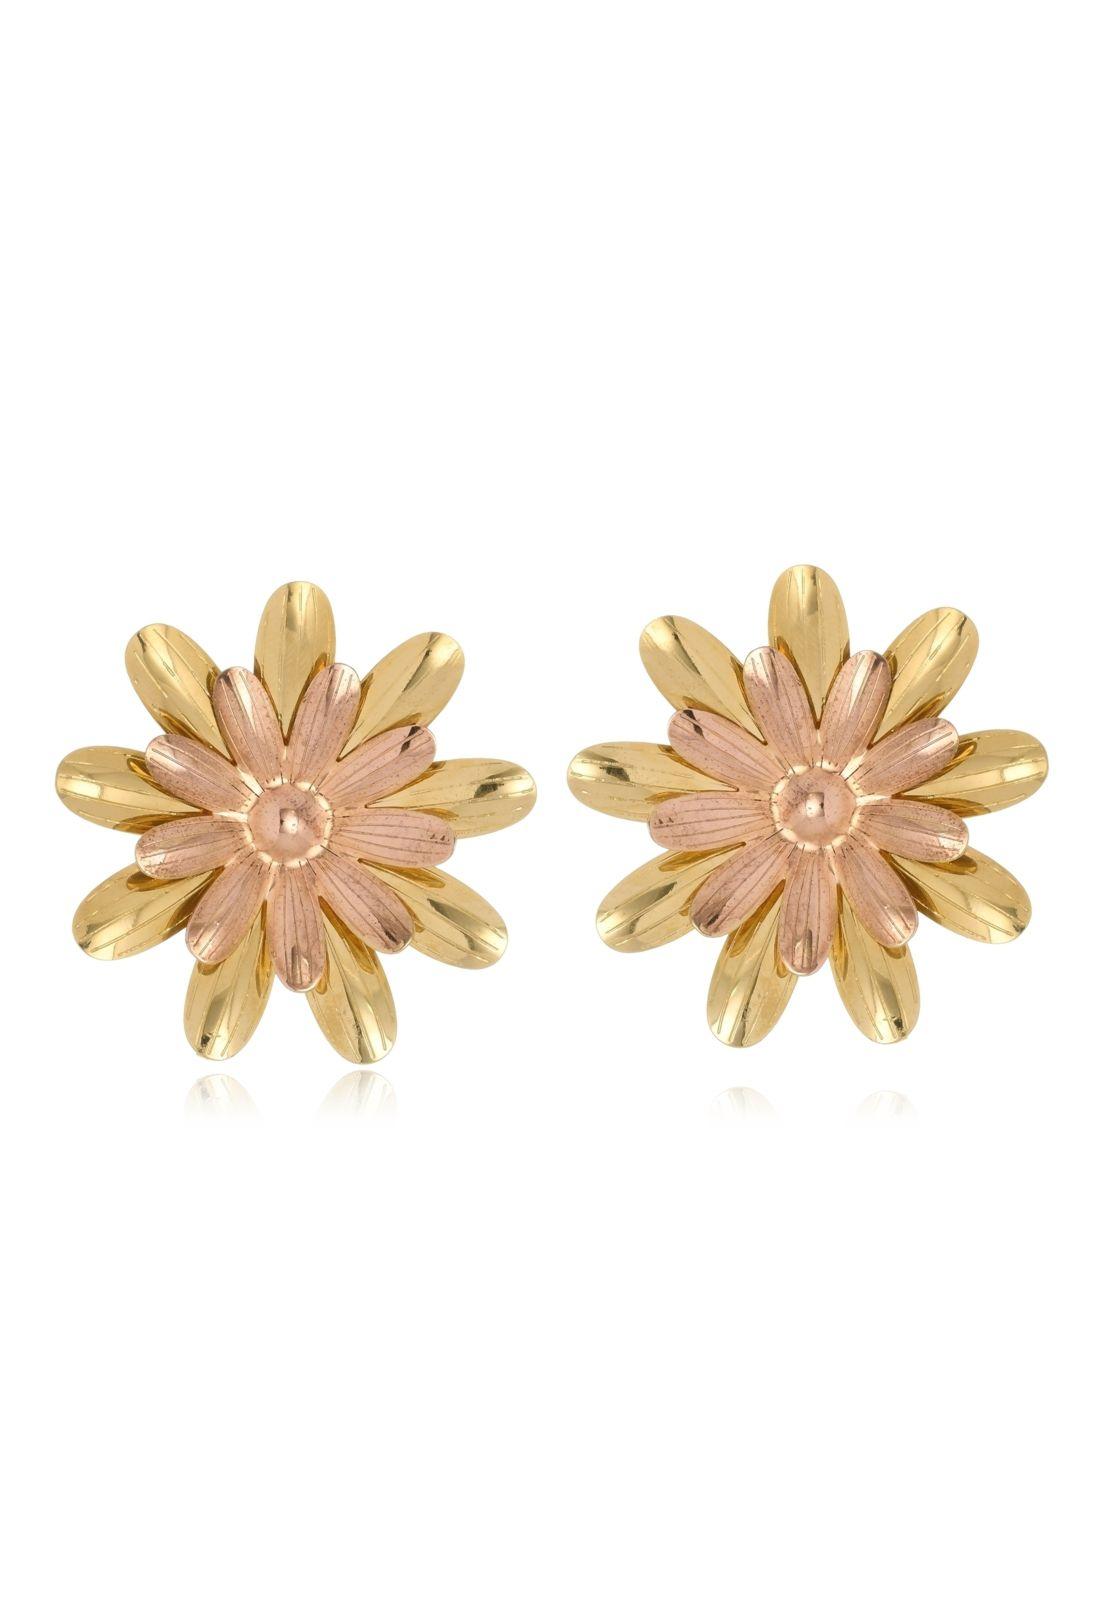 Brinco Le Diamond Flor Botão de Ouro Rosê